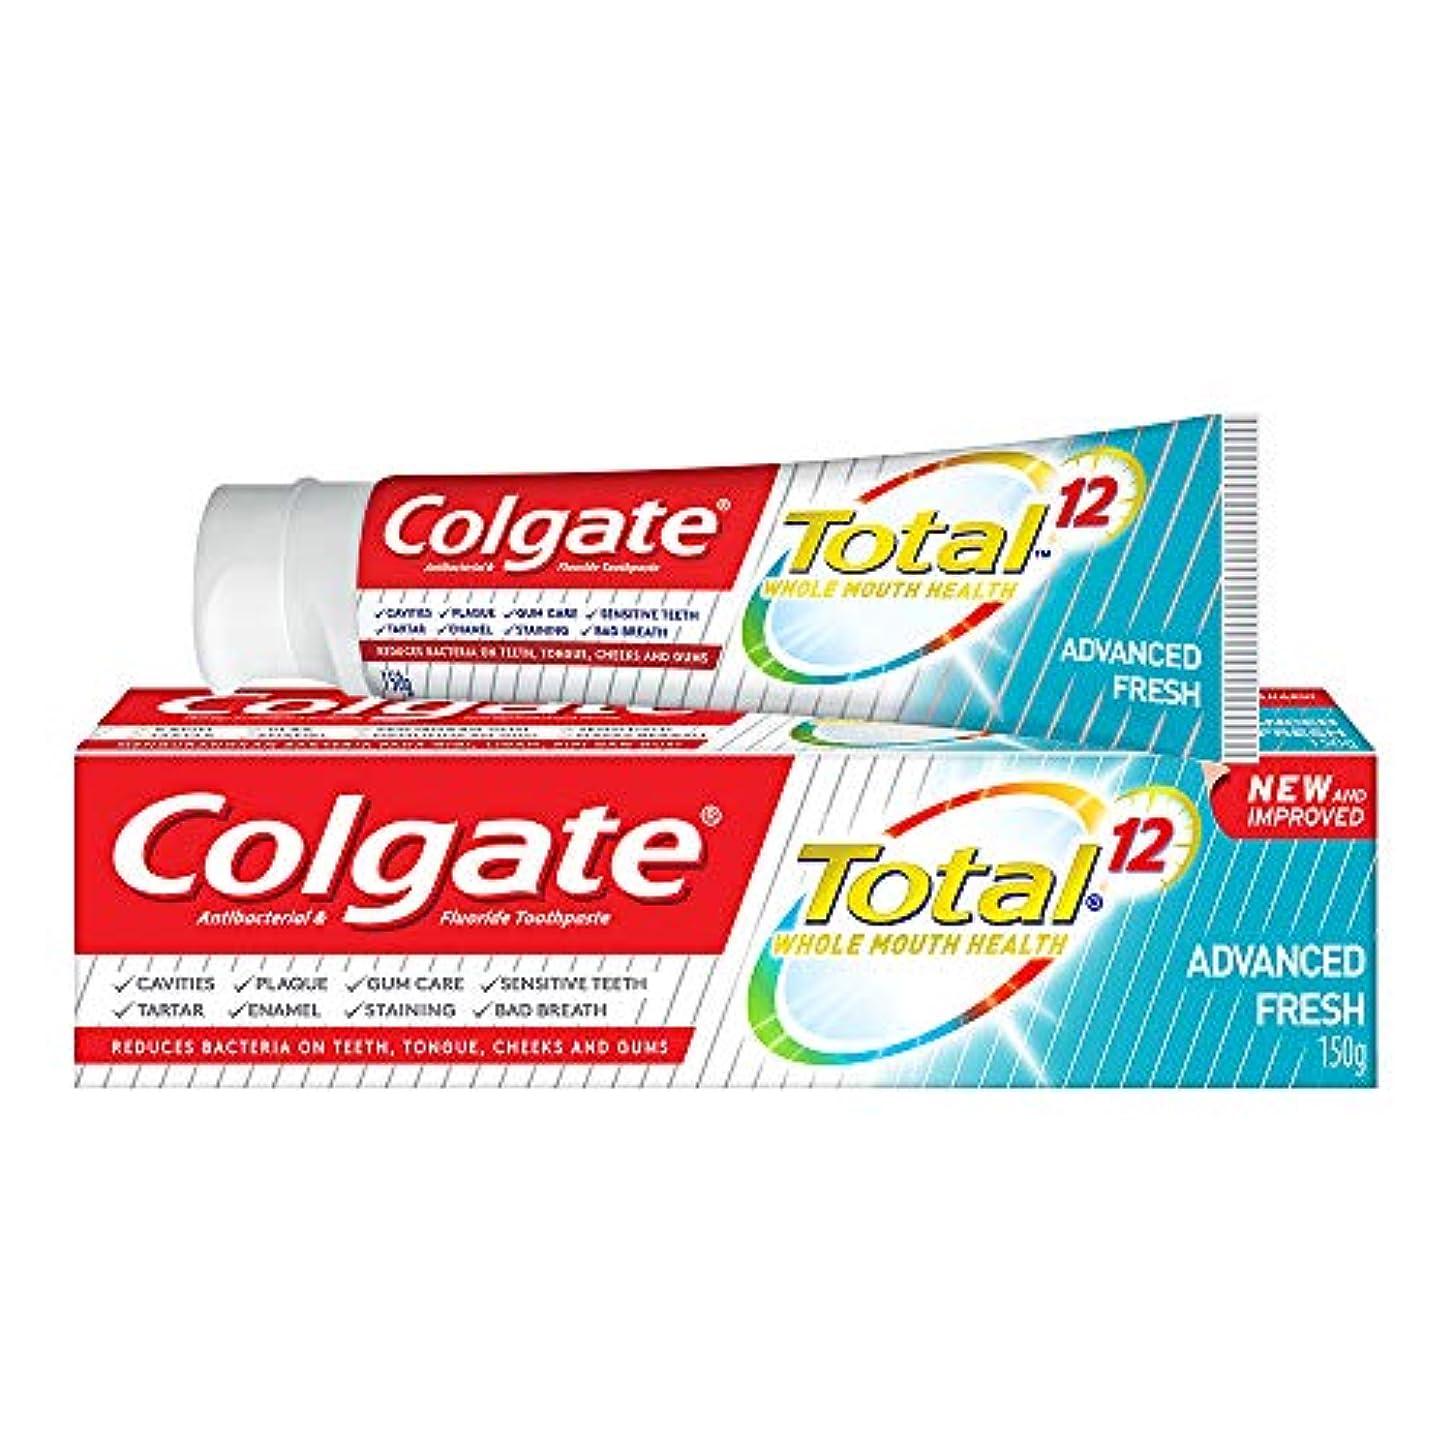 絡まるウェーハ底Colgate コルゲート トータル トゥースペースト 150g (歯磨き粉) 【歯磨き粉、虫歯予防、アメリカン雑貨】